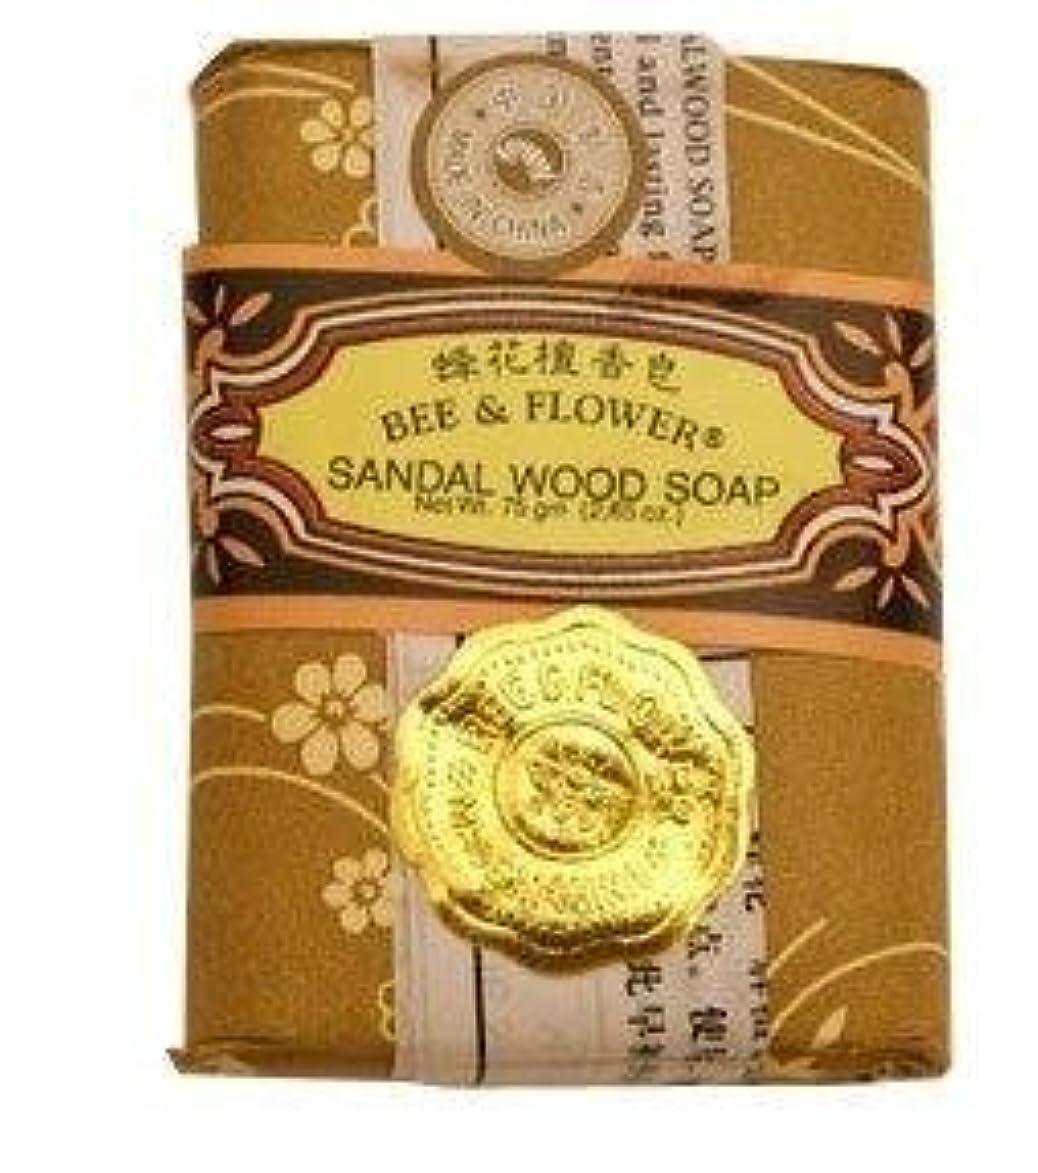 軽く最近謙虚なBee And Flower Sandal Wood Bar Soap 2.65 Ounce - 12 per case. [並行輸入品]